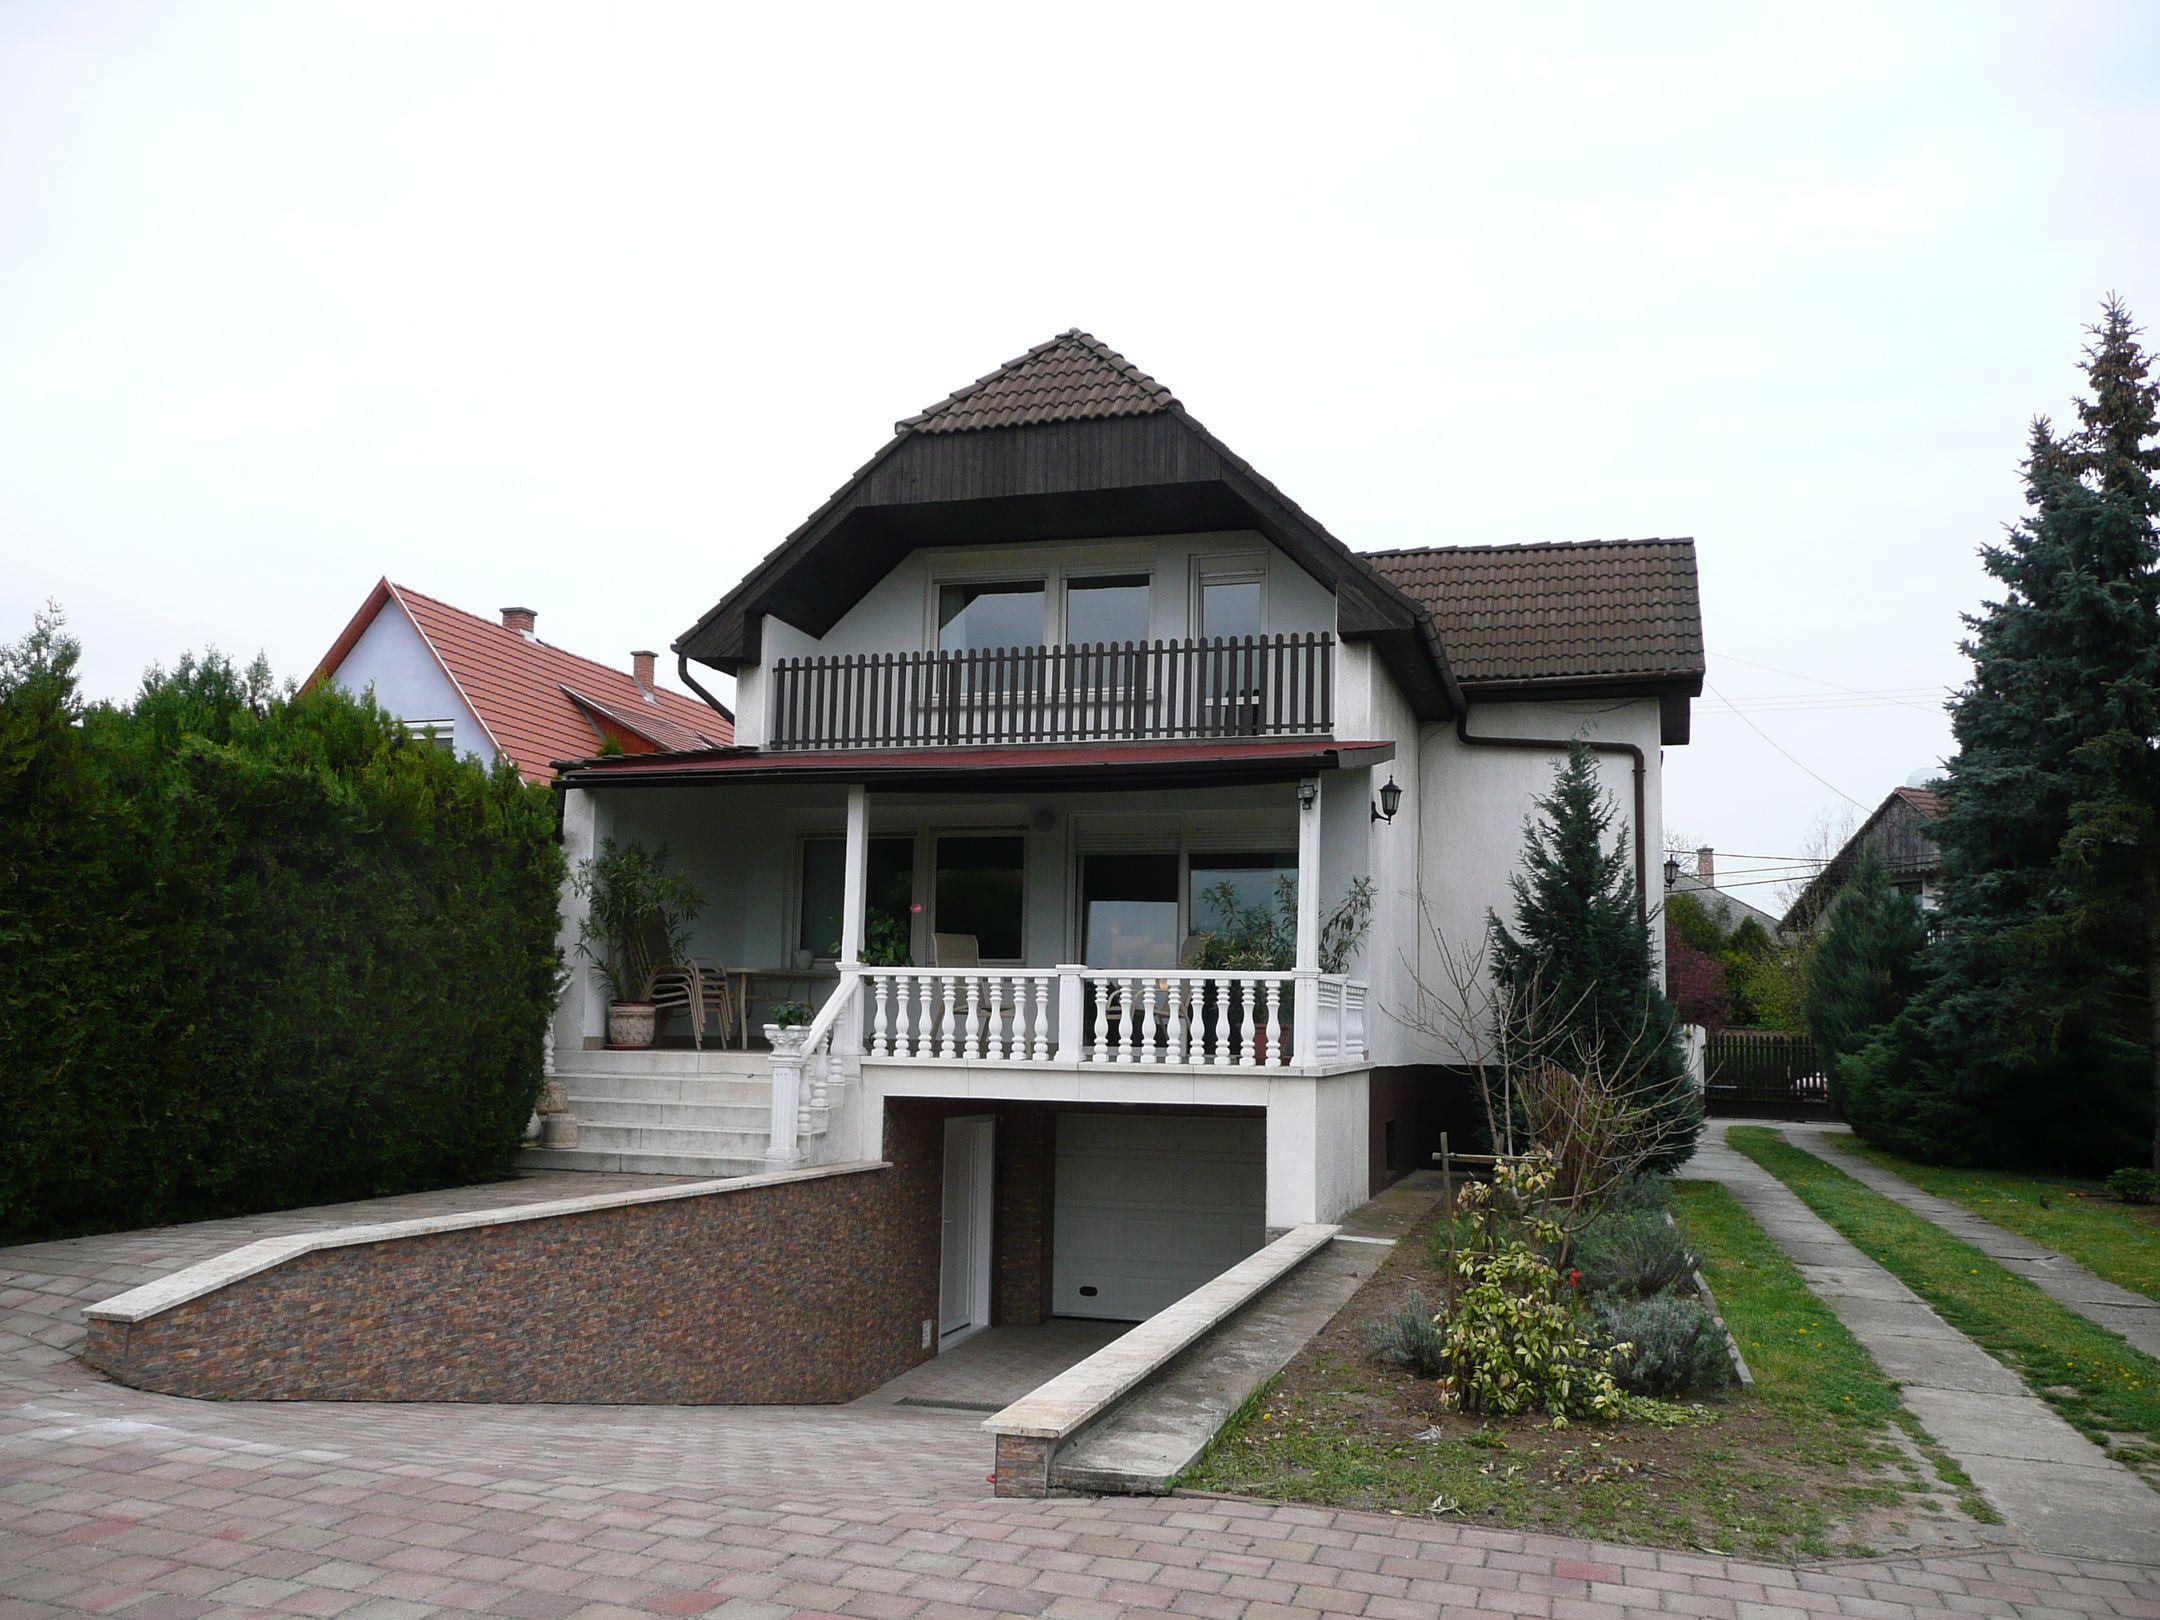 Ecser közkedvelt részén,de nem lakóparkban,igényesen felújított,keveset lakott belső kétszintes családi ház eladó!